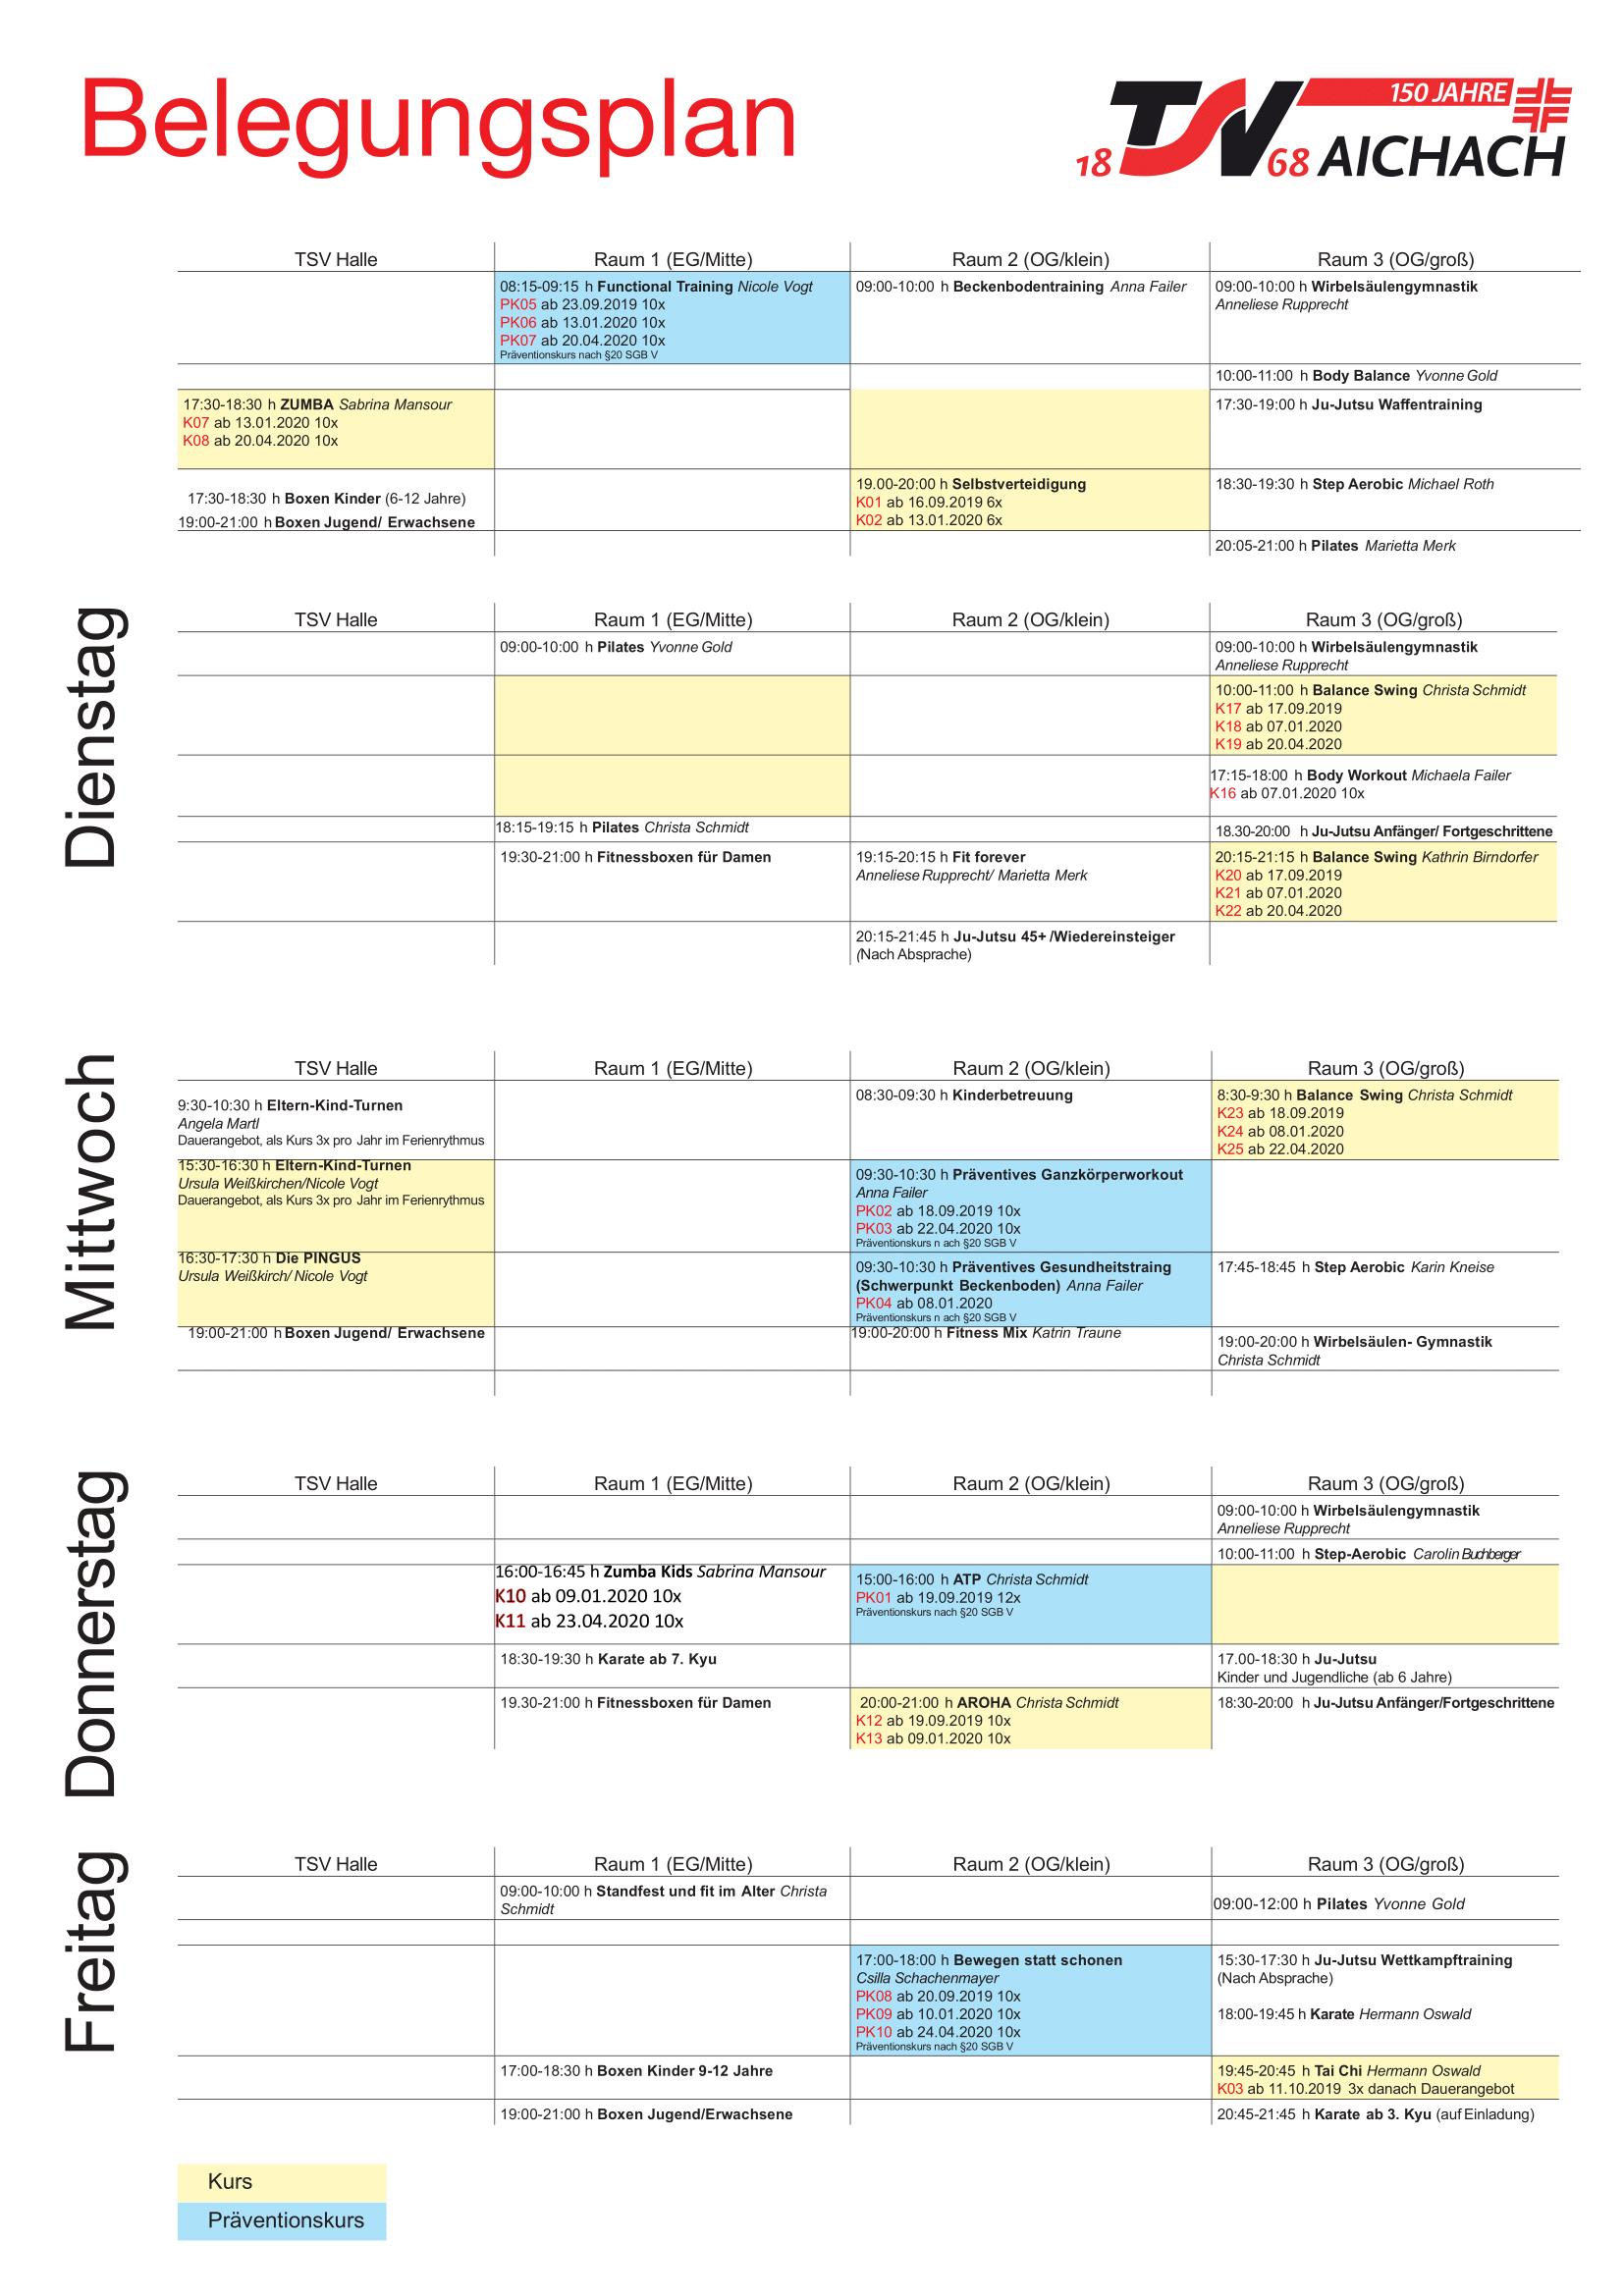 Belegungsplan_21.01.2020-1